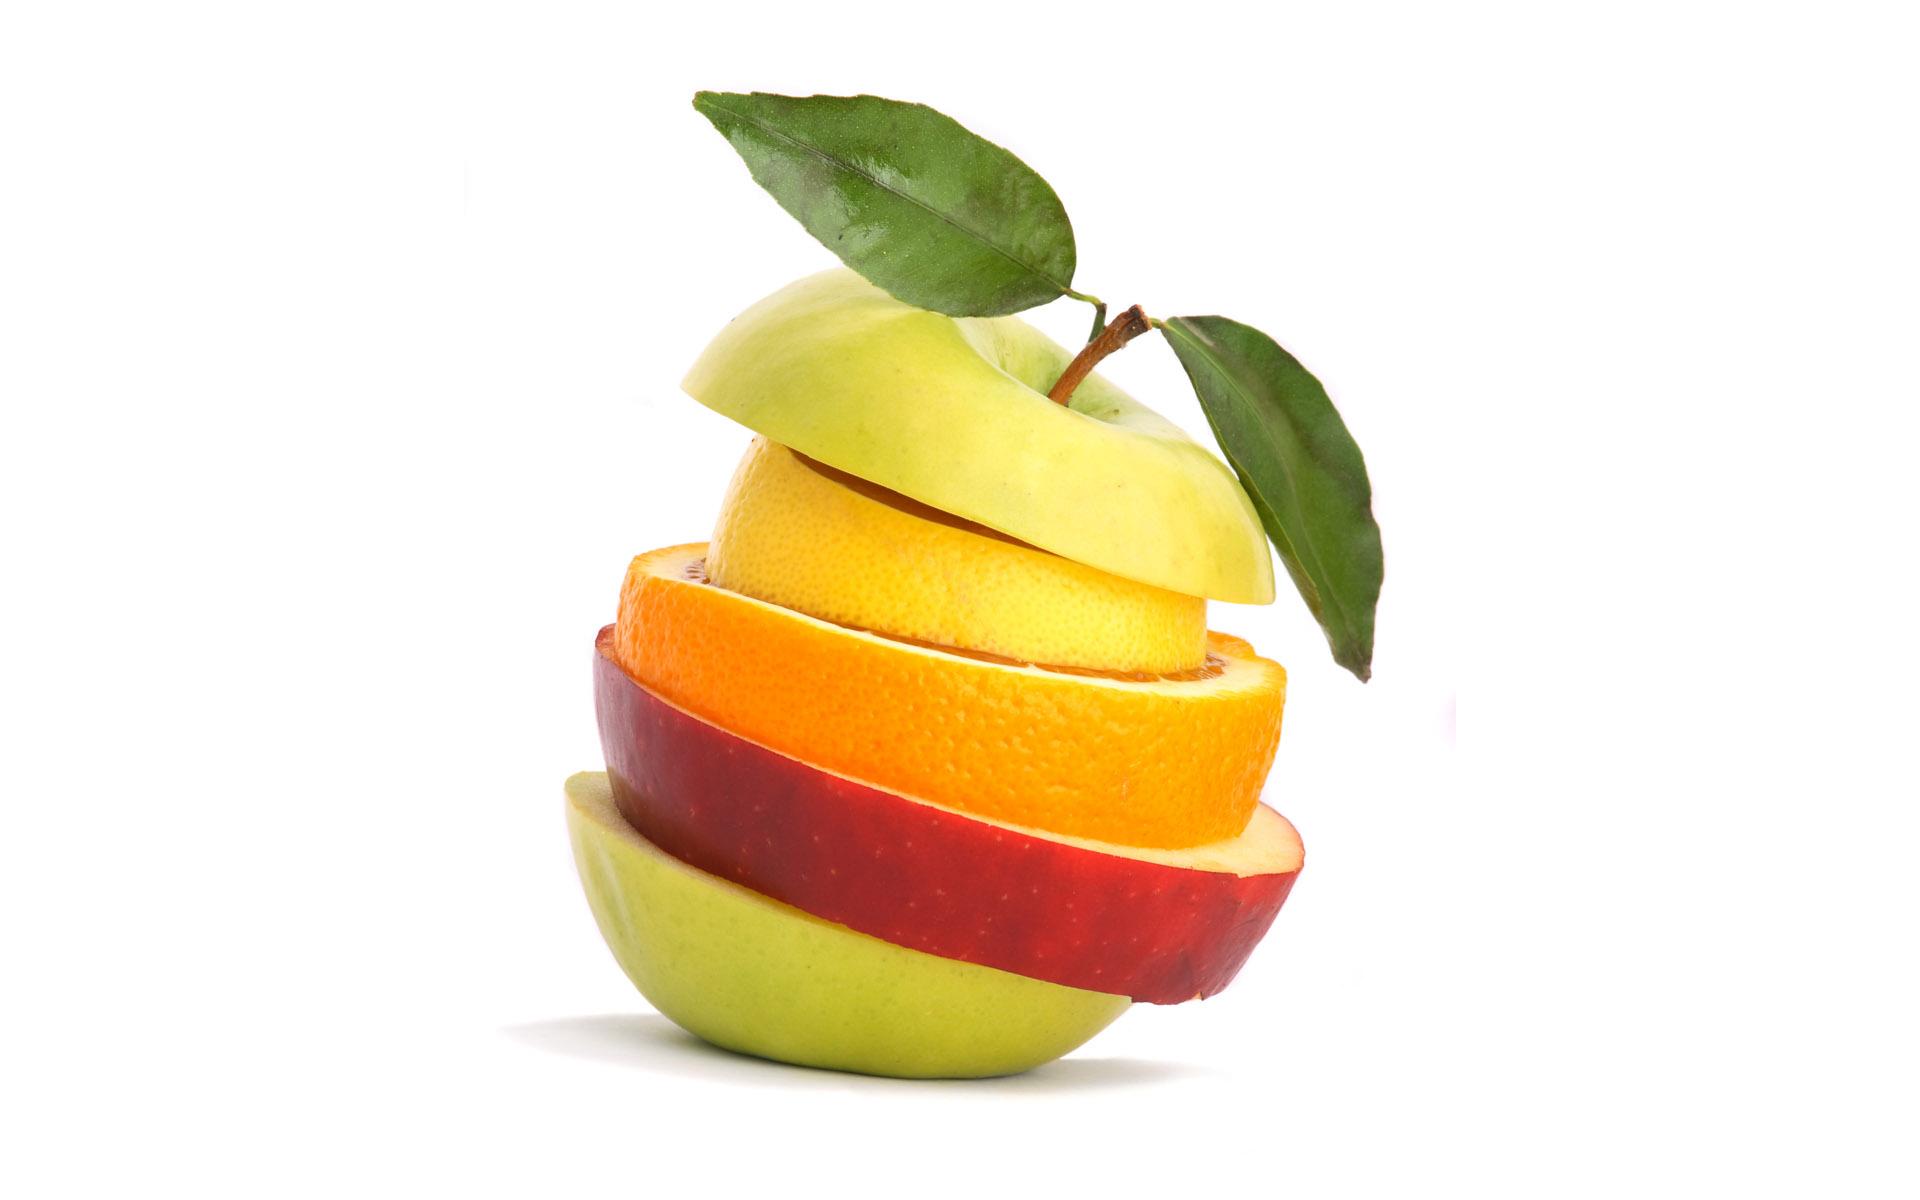 wallpaper-girl-slices-fruit-various